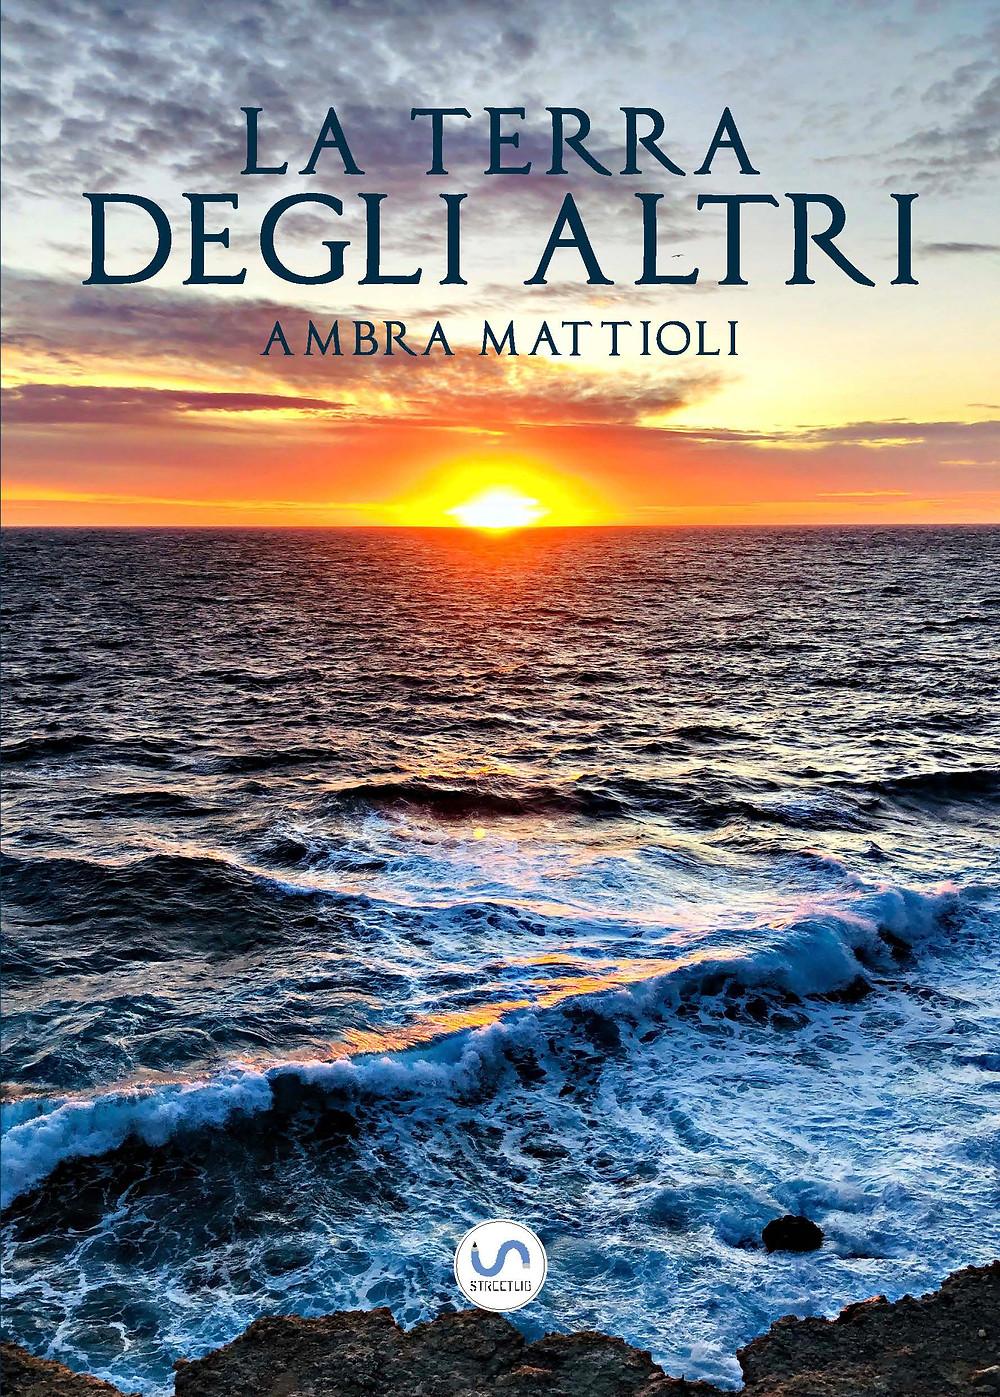 La Terra degli Altri | Romanzo di Ambra Mattioli | Novel by Ambra Mattioli